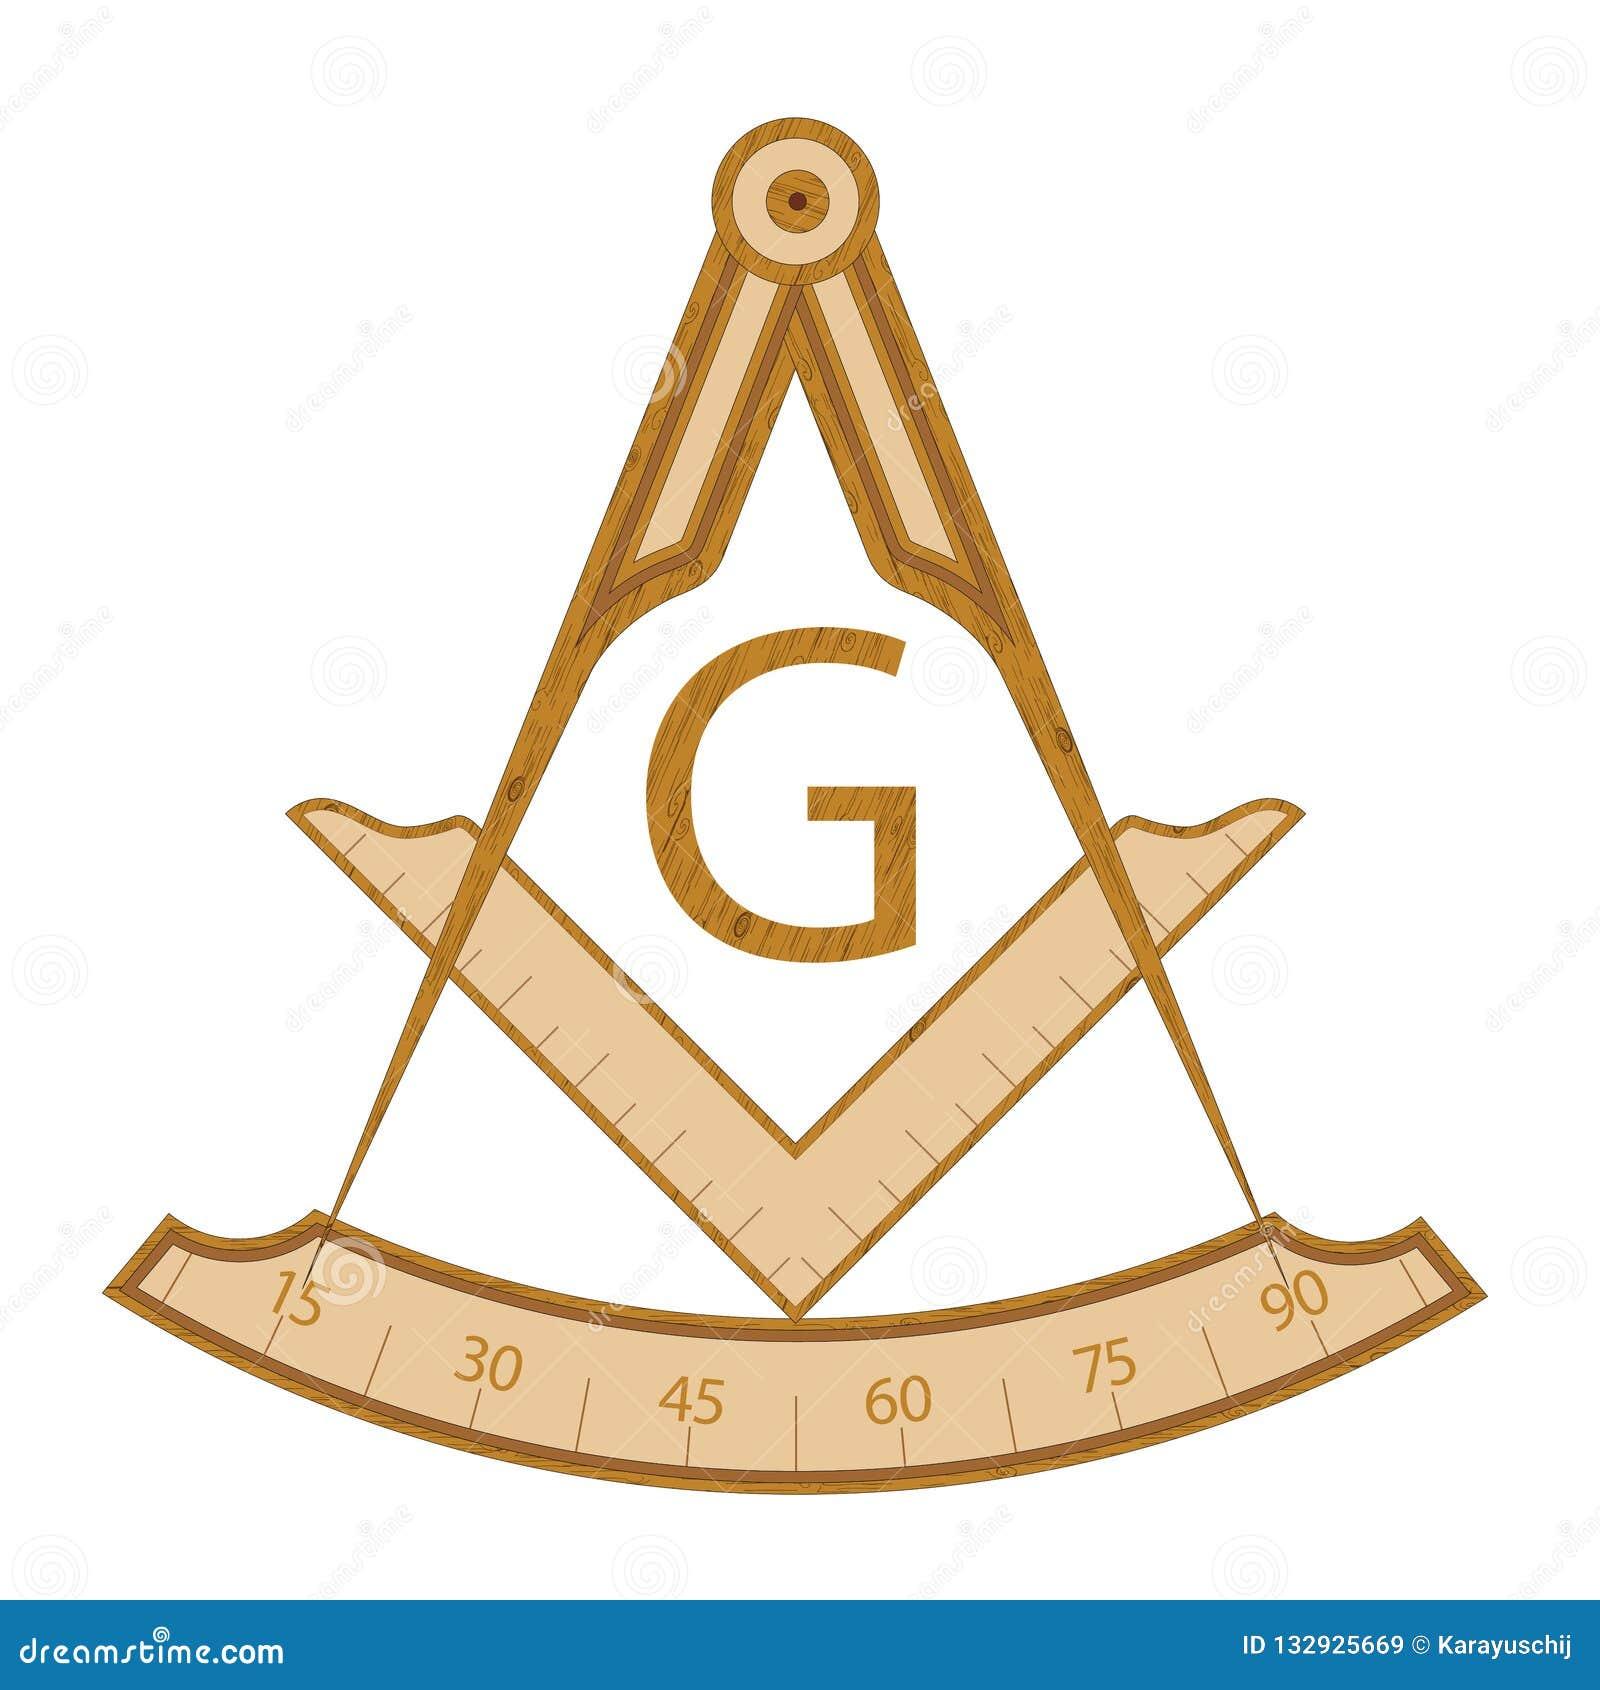 Деревянный masonic символ квадрата и компаса